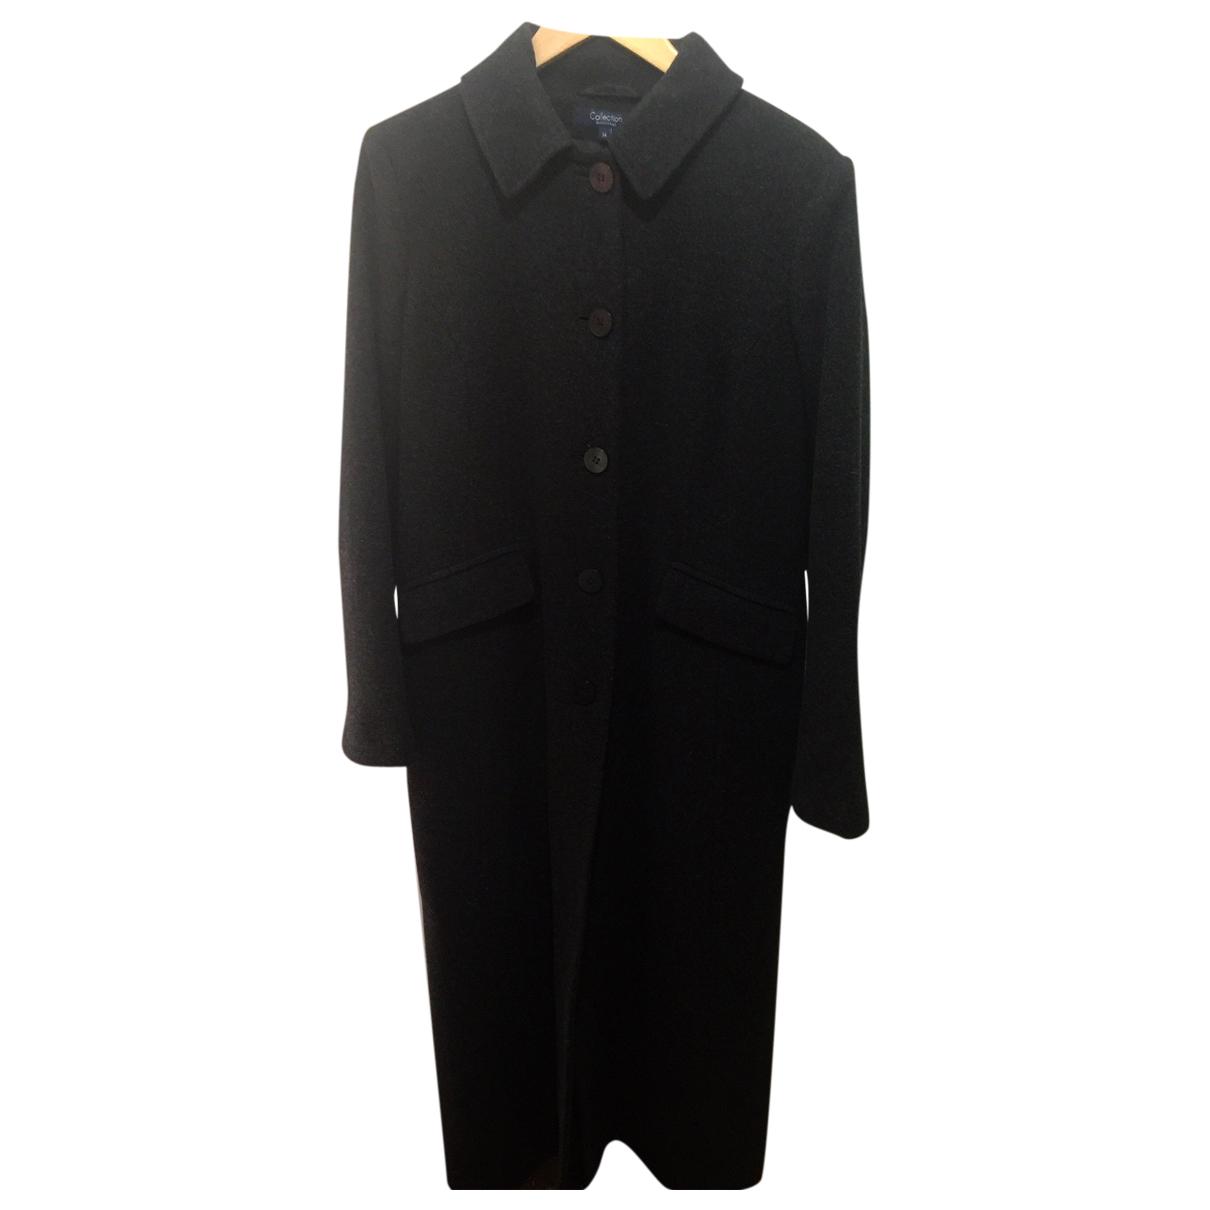 Autre Marque - Manteau   pour femme en laine - gris